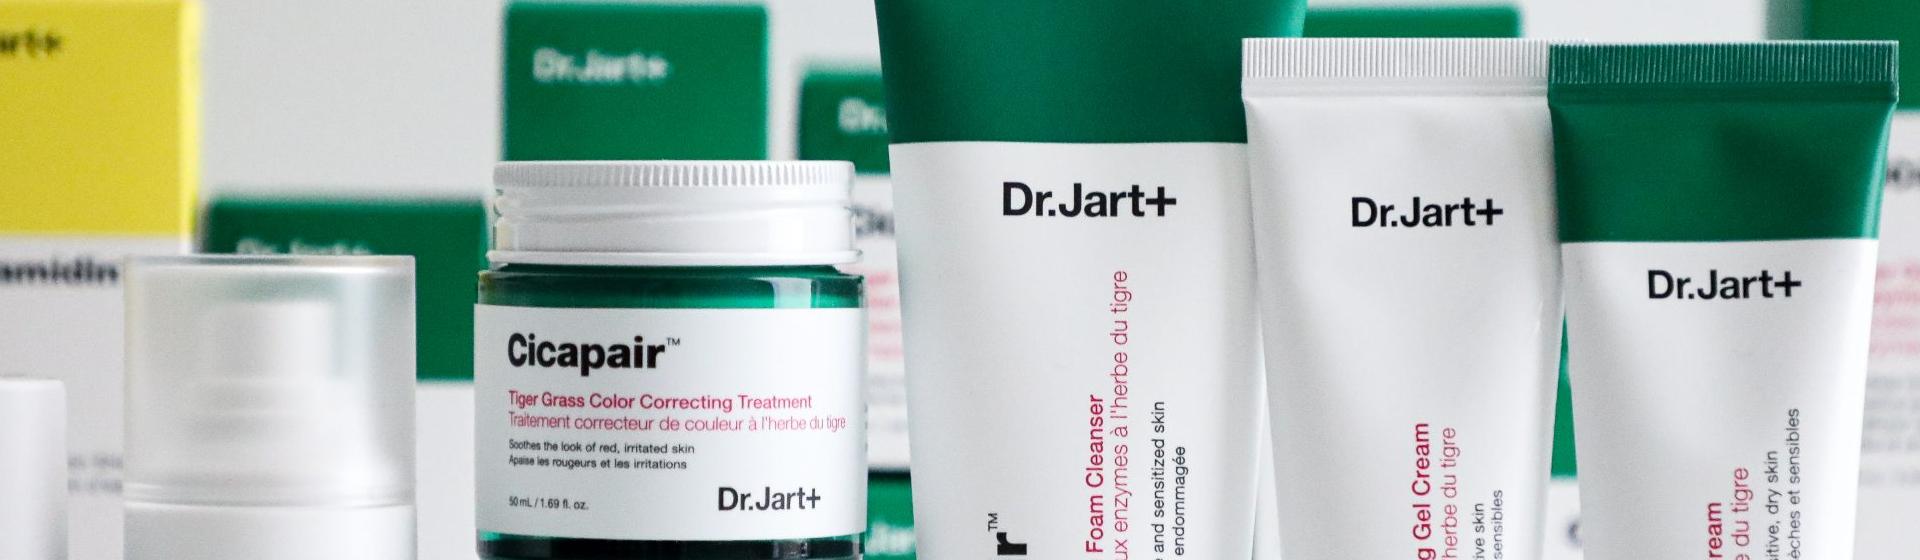 Dr. Jart Ürünleri